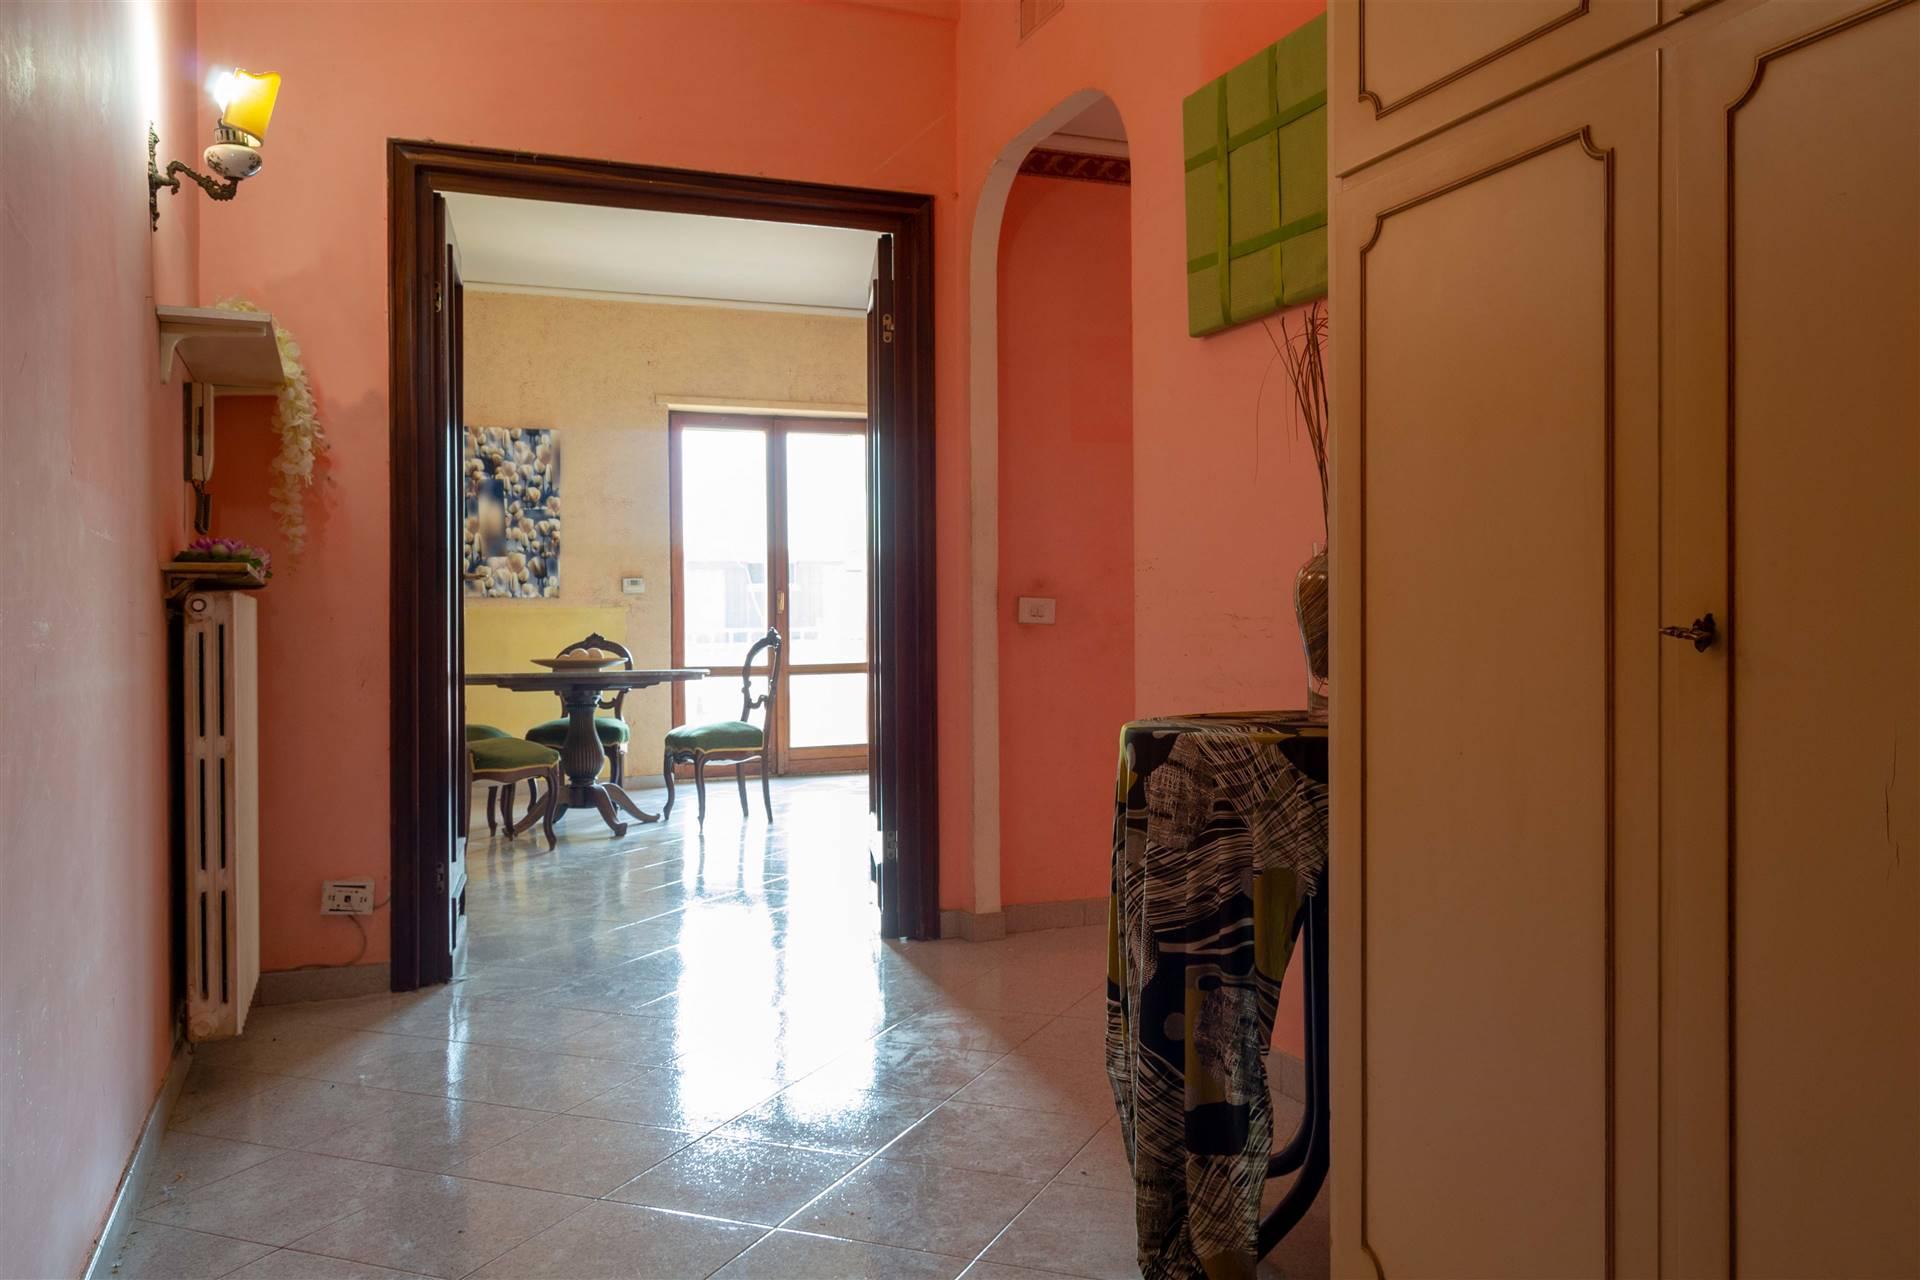 Appartamento in vendita a Mercogliano, 3 locali, prezzo € 88.000 | CambioCasa.it